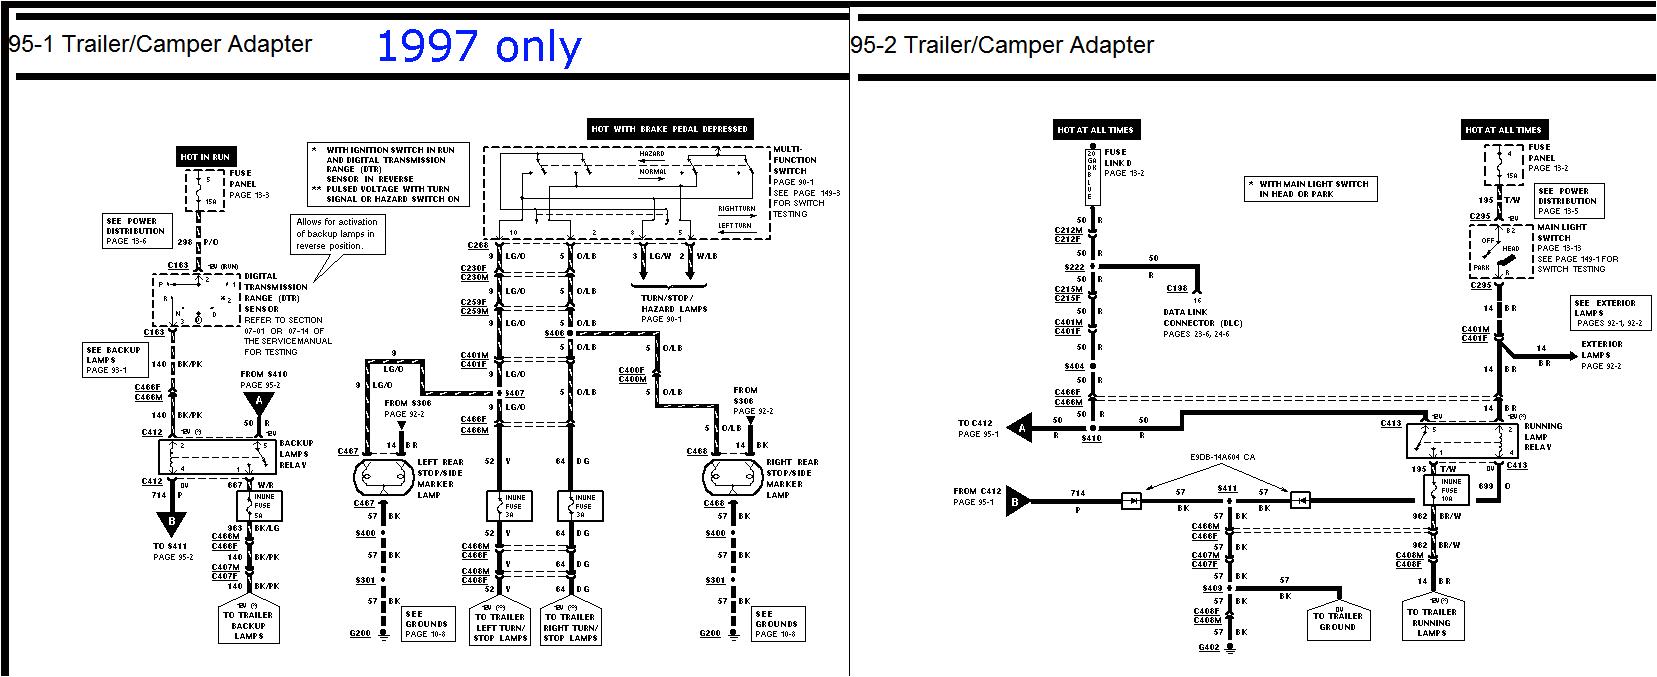 1997 ford f150 wiring diagram wiring diagram perfomance 1997 f150 radio wiring diagram 1997 f150 wiring diagram